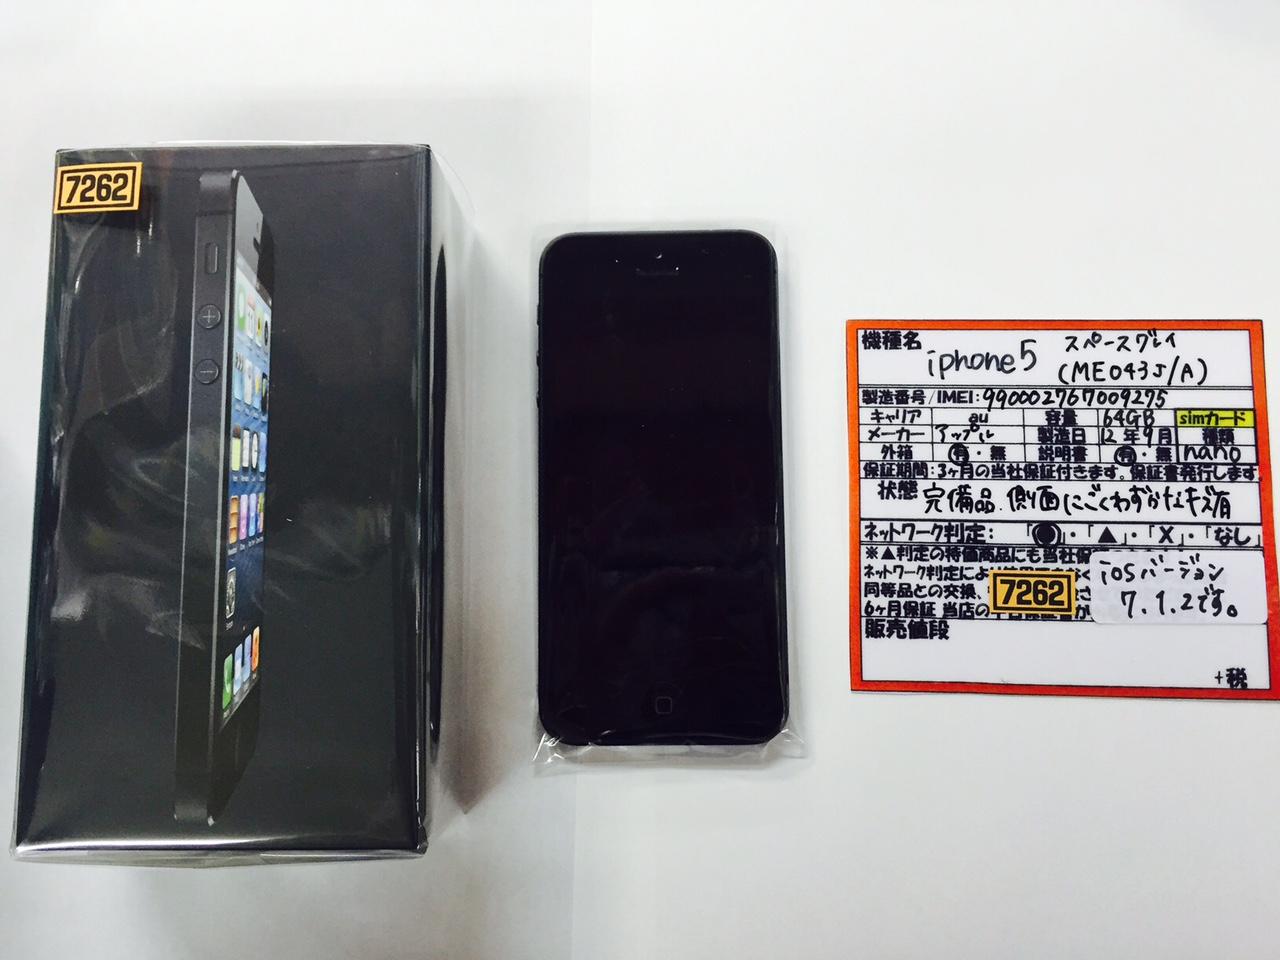 au iPhone5 64GB スペースグレイ ME043J